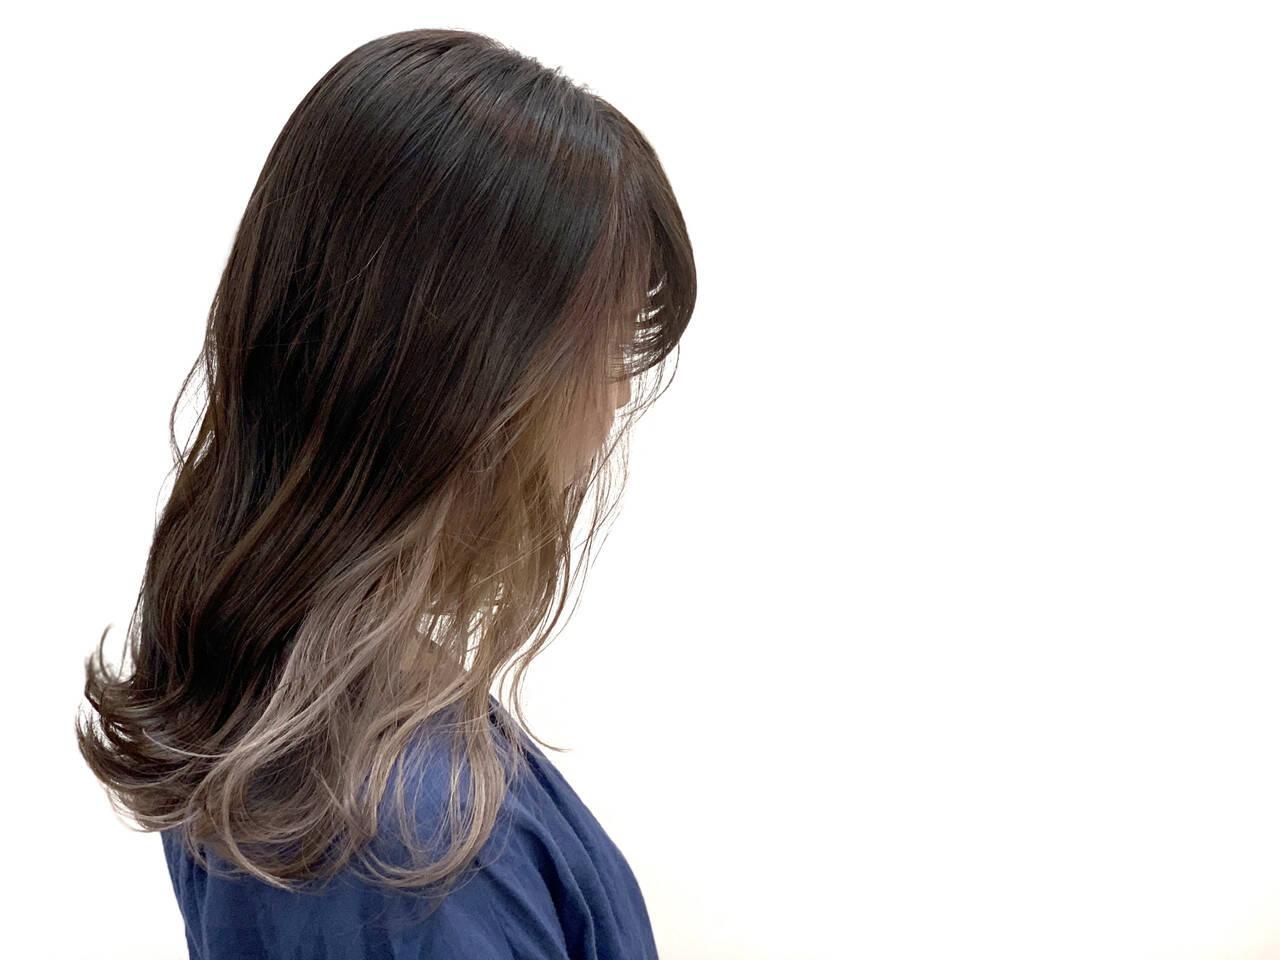 アンニュイほつれヘア グレージュ ロング 透明感ヘアスタイルや髪型の写真・画像